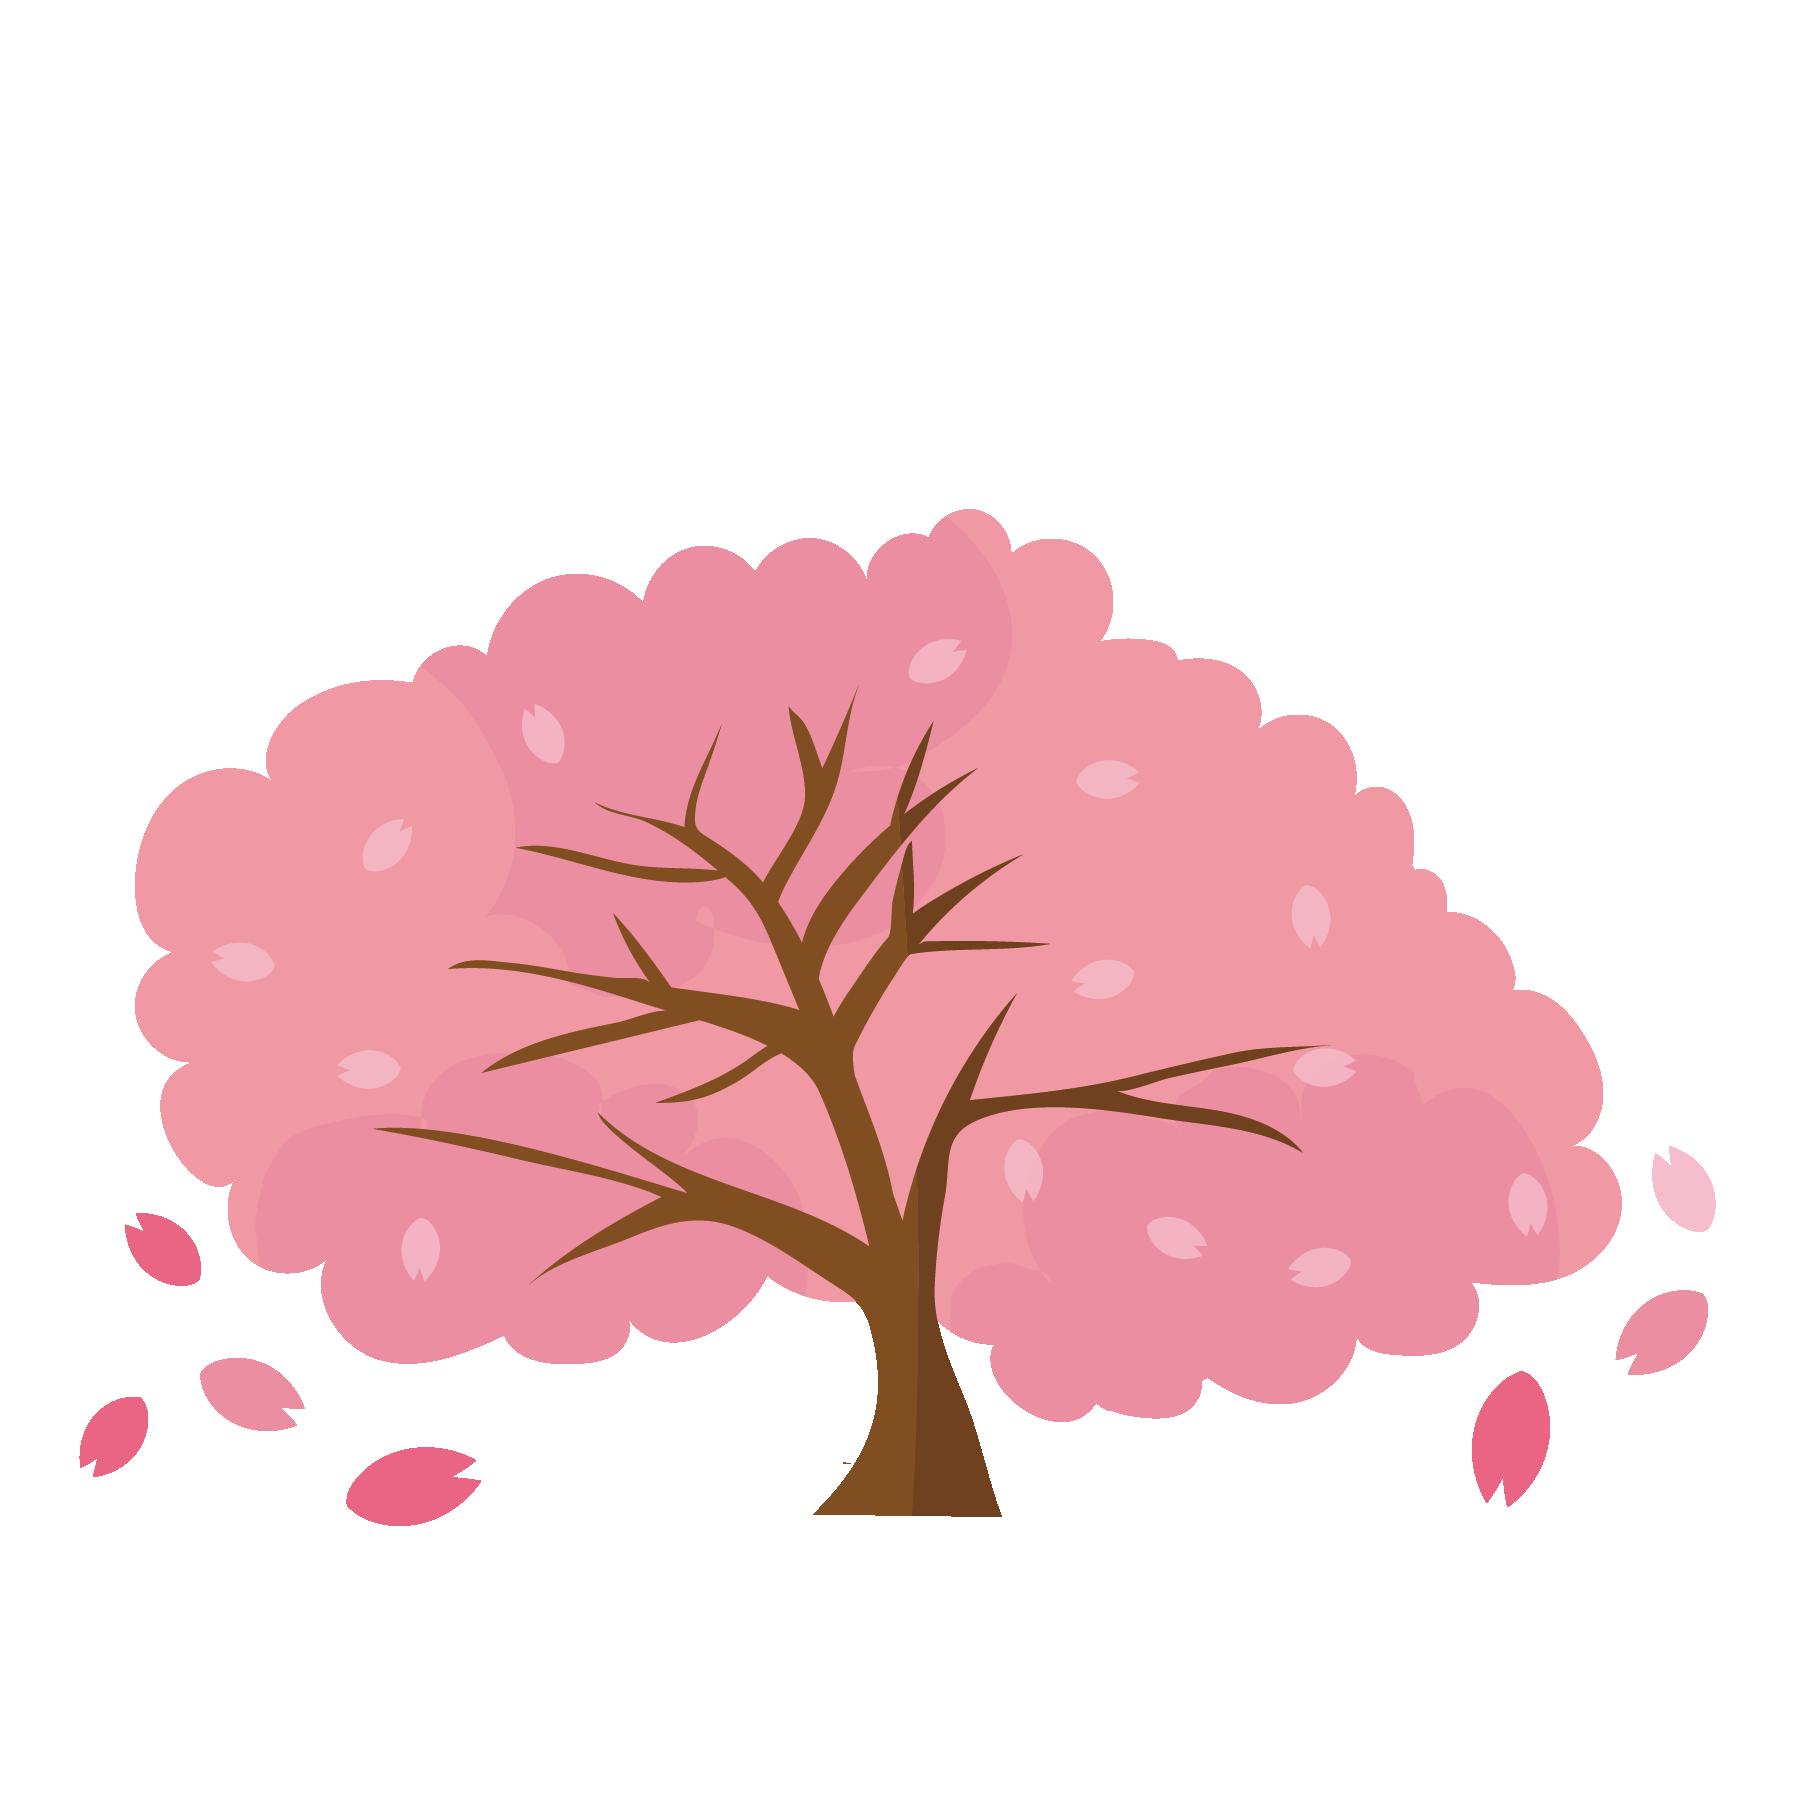 桜(さくら・サクラ)の木のイラスト♪【お花見】